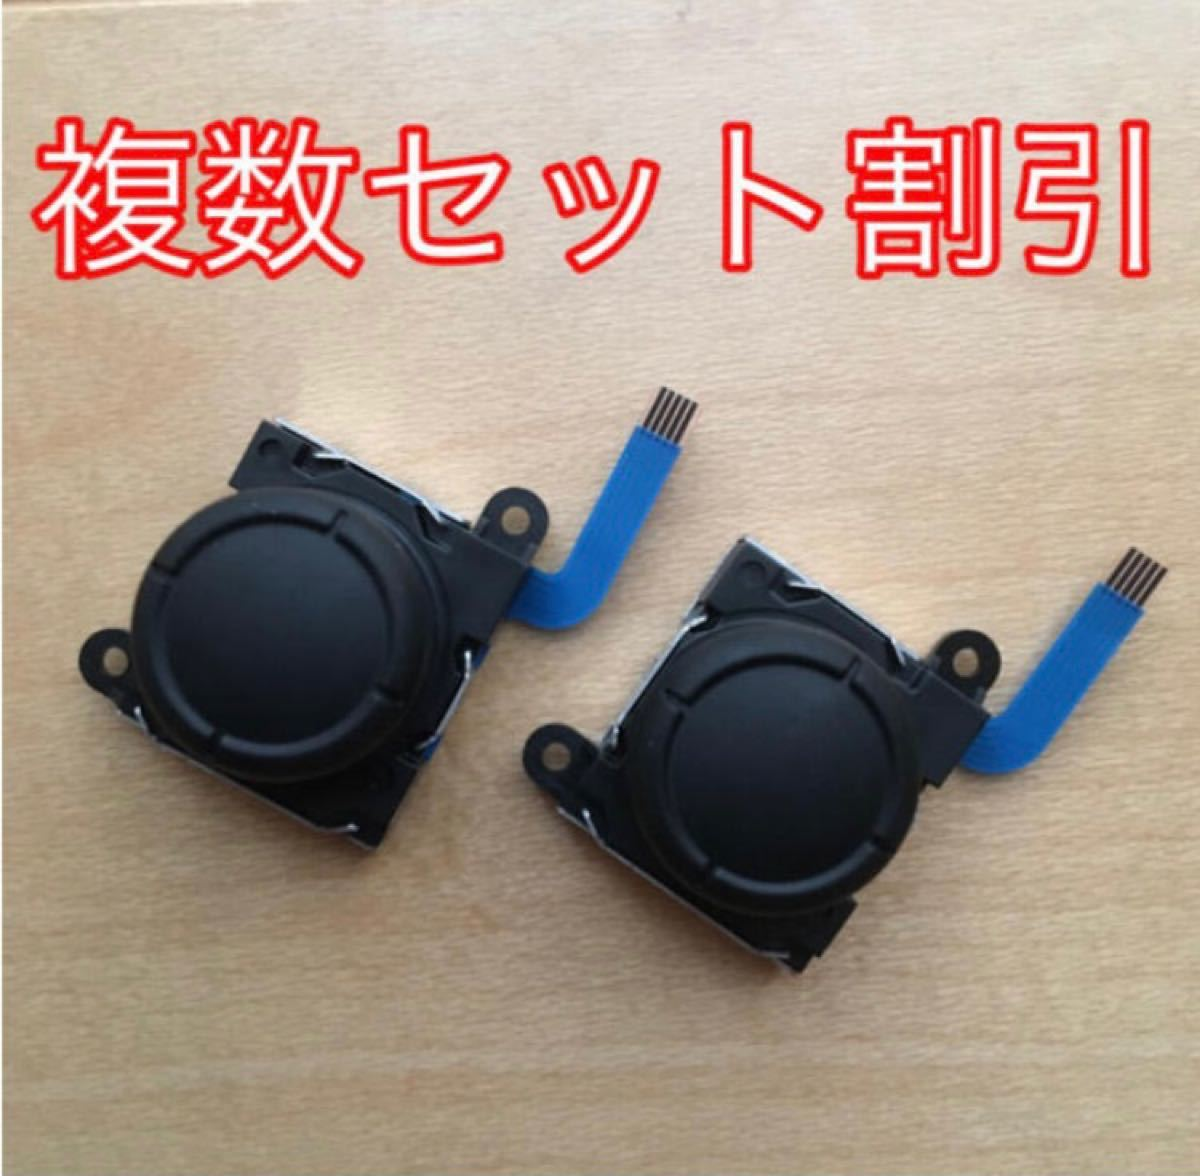 Switch スイッチ ジョイコン アナログ スティック 修理 コントローラー 2つセット